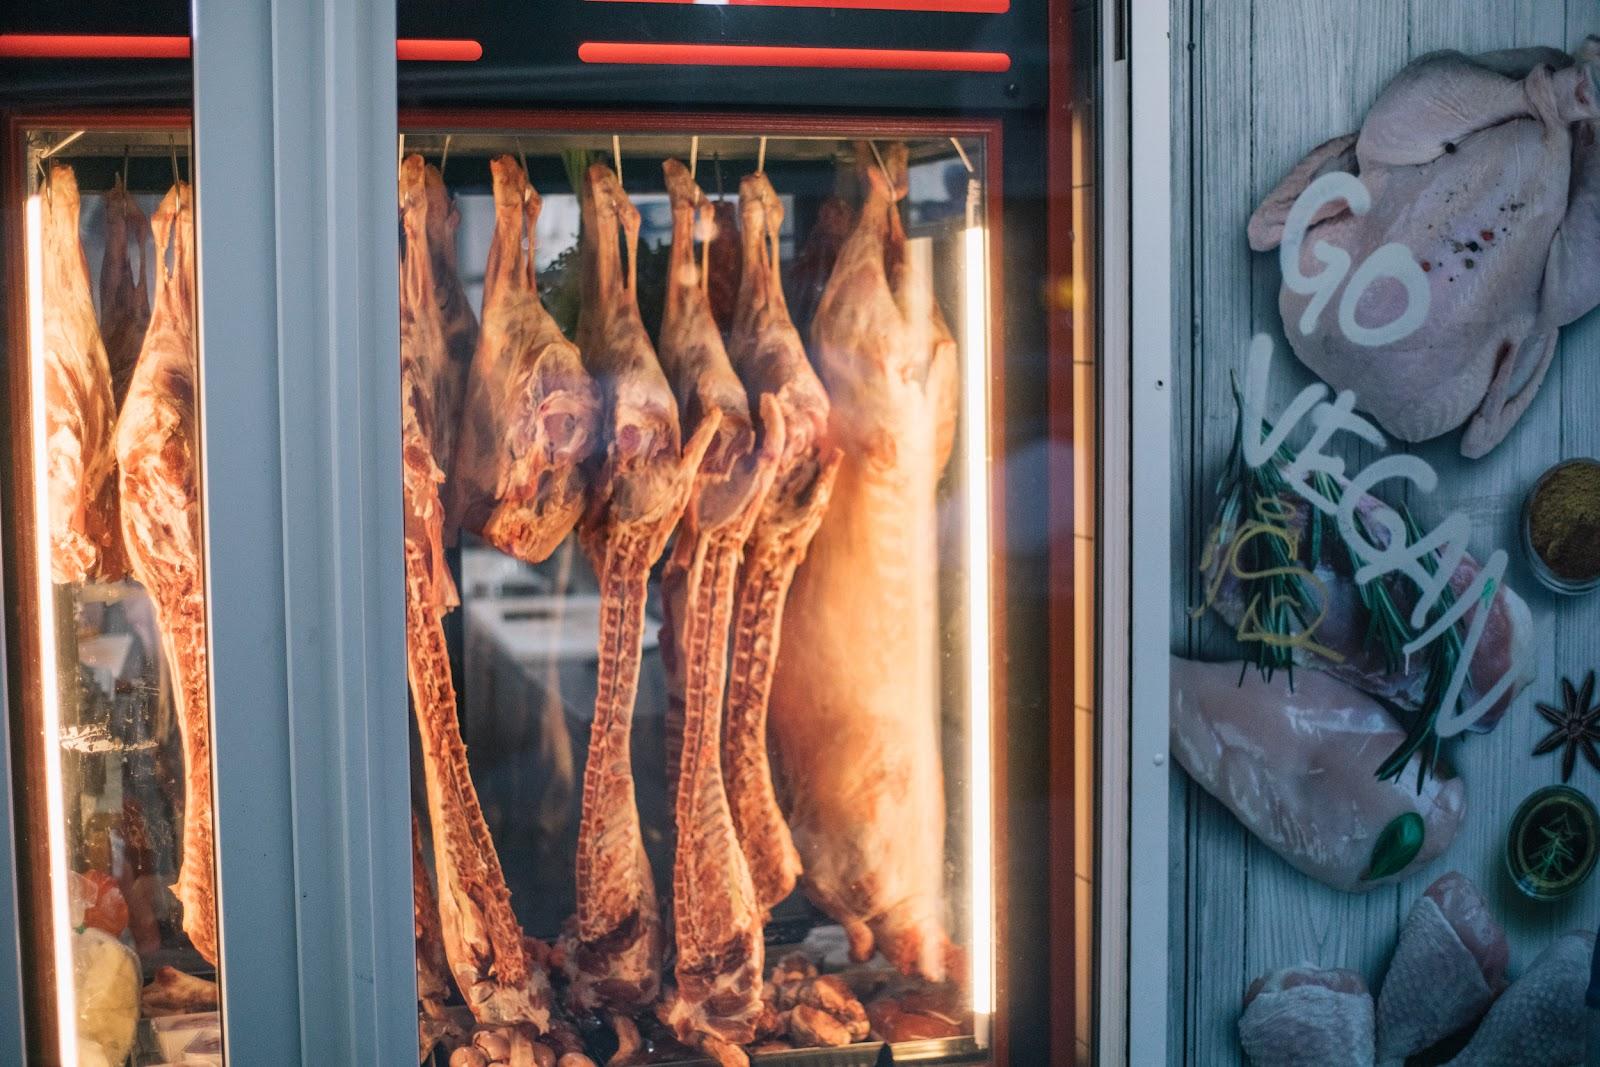 Halbe Hammelkörper im Schaufenster eines Metzgers